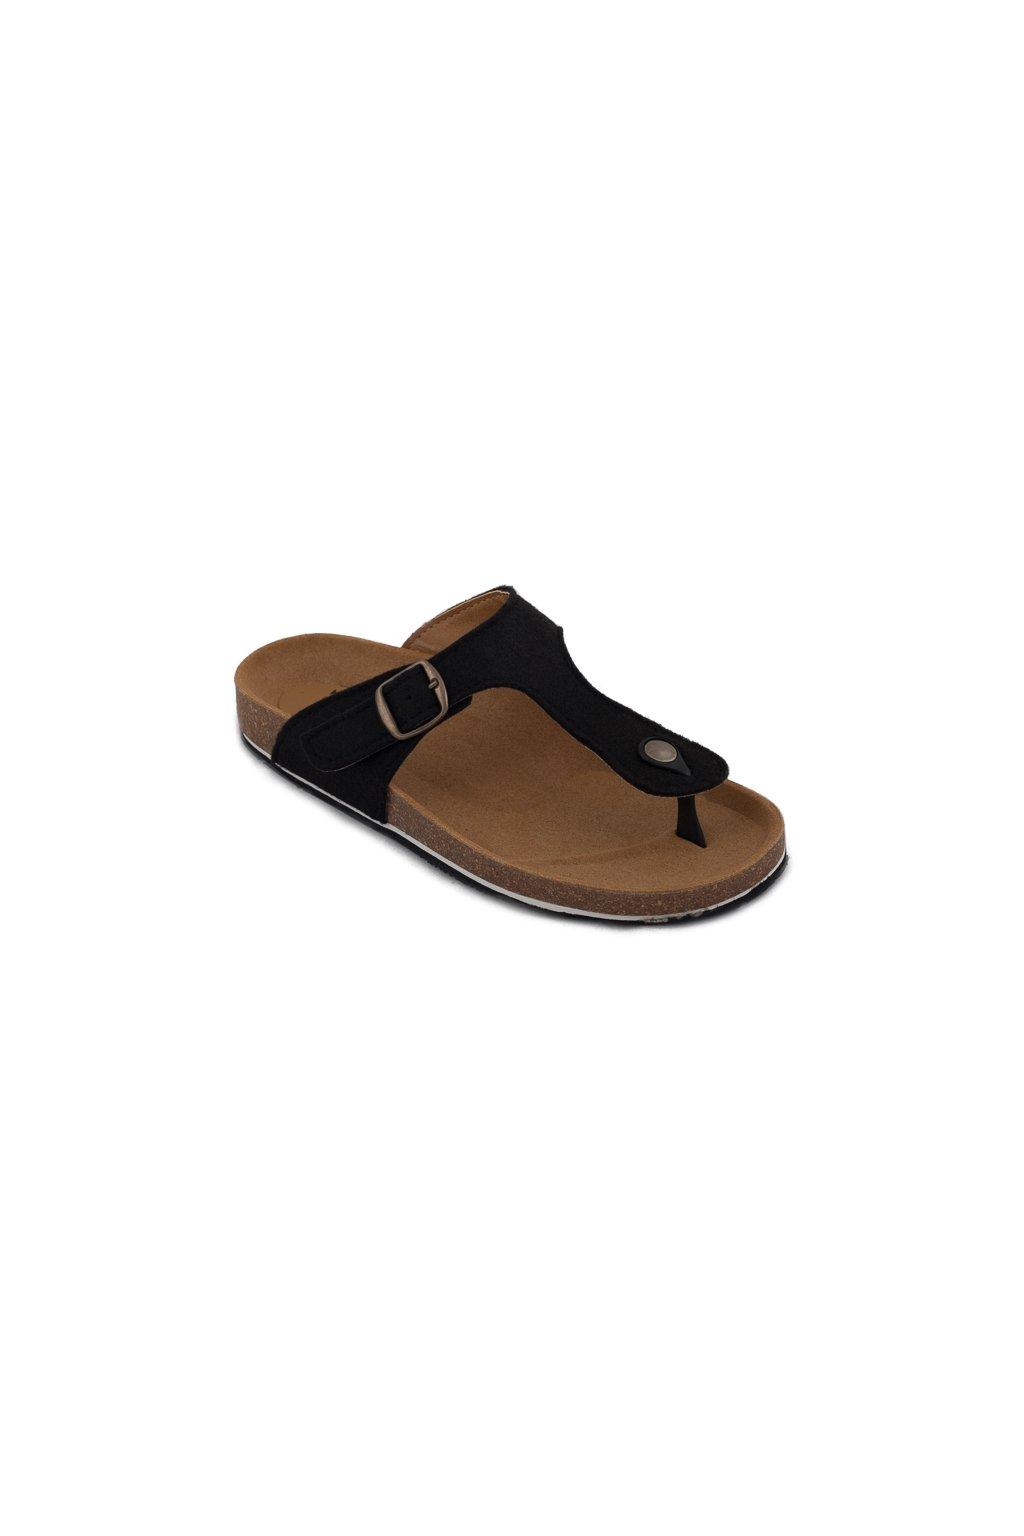 """Sandálky z recyklovaných fliaš """"Kos Black"""""""